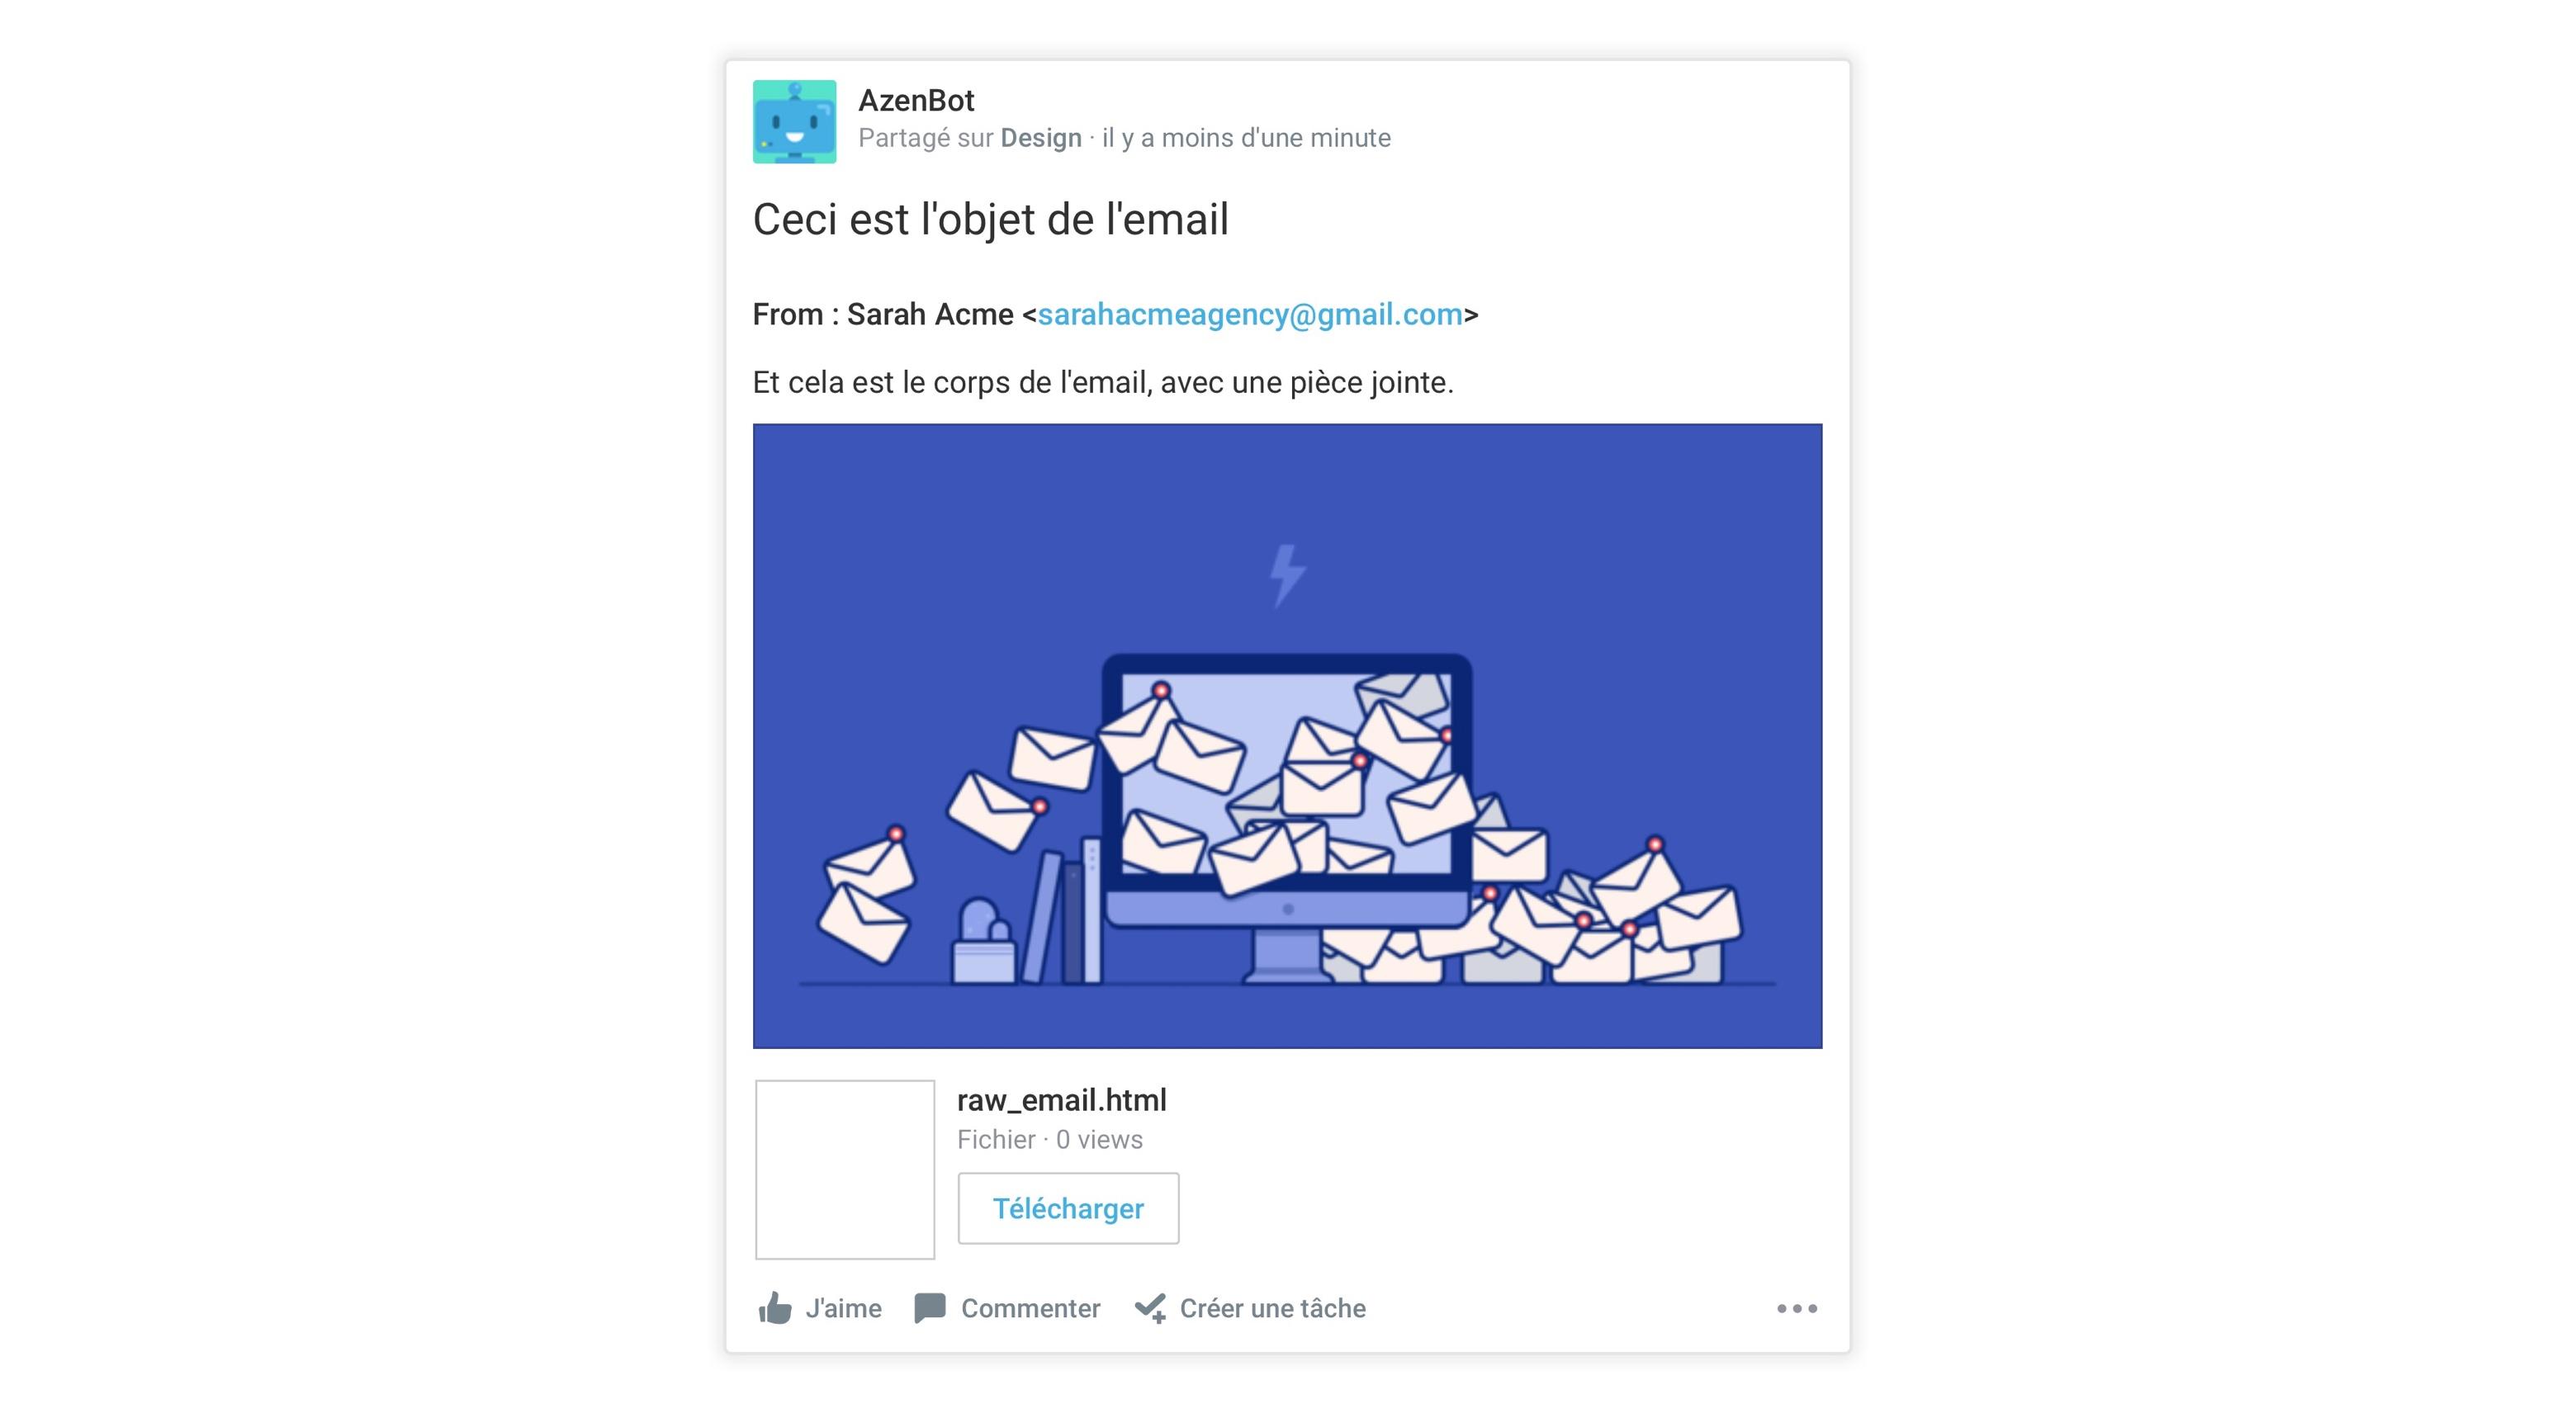 Les conversations créées par l'email du sujet sont postées par AzenBot